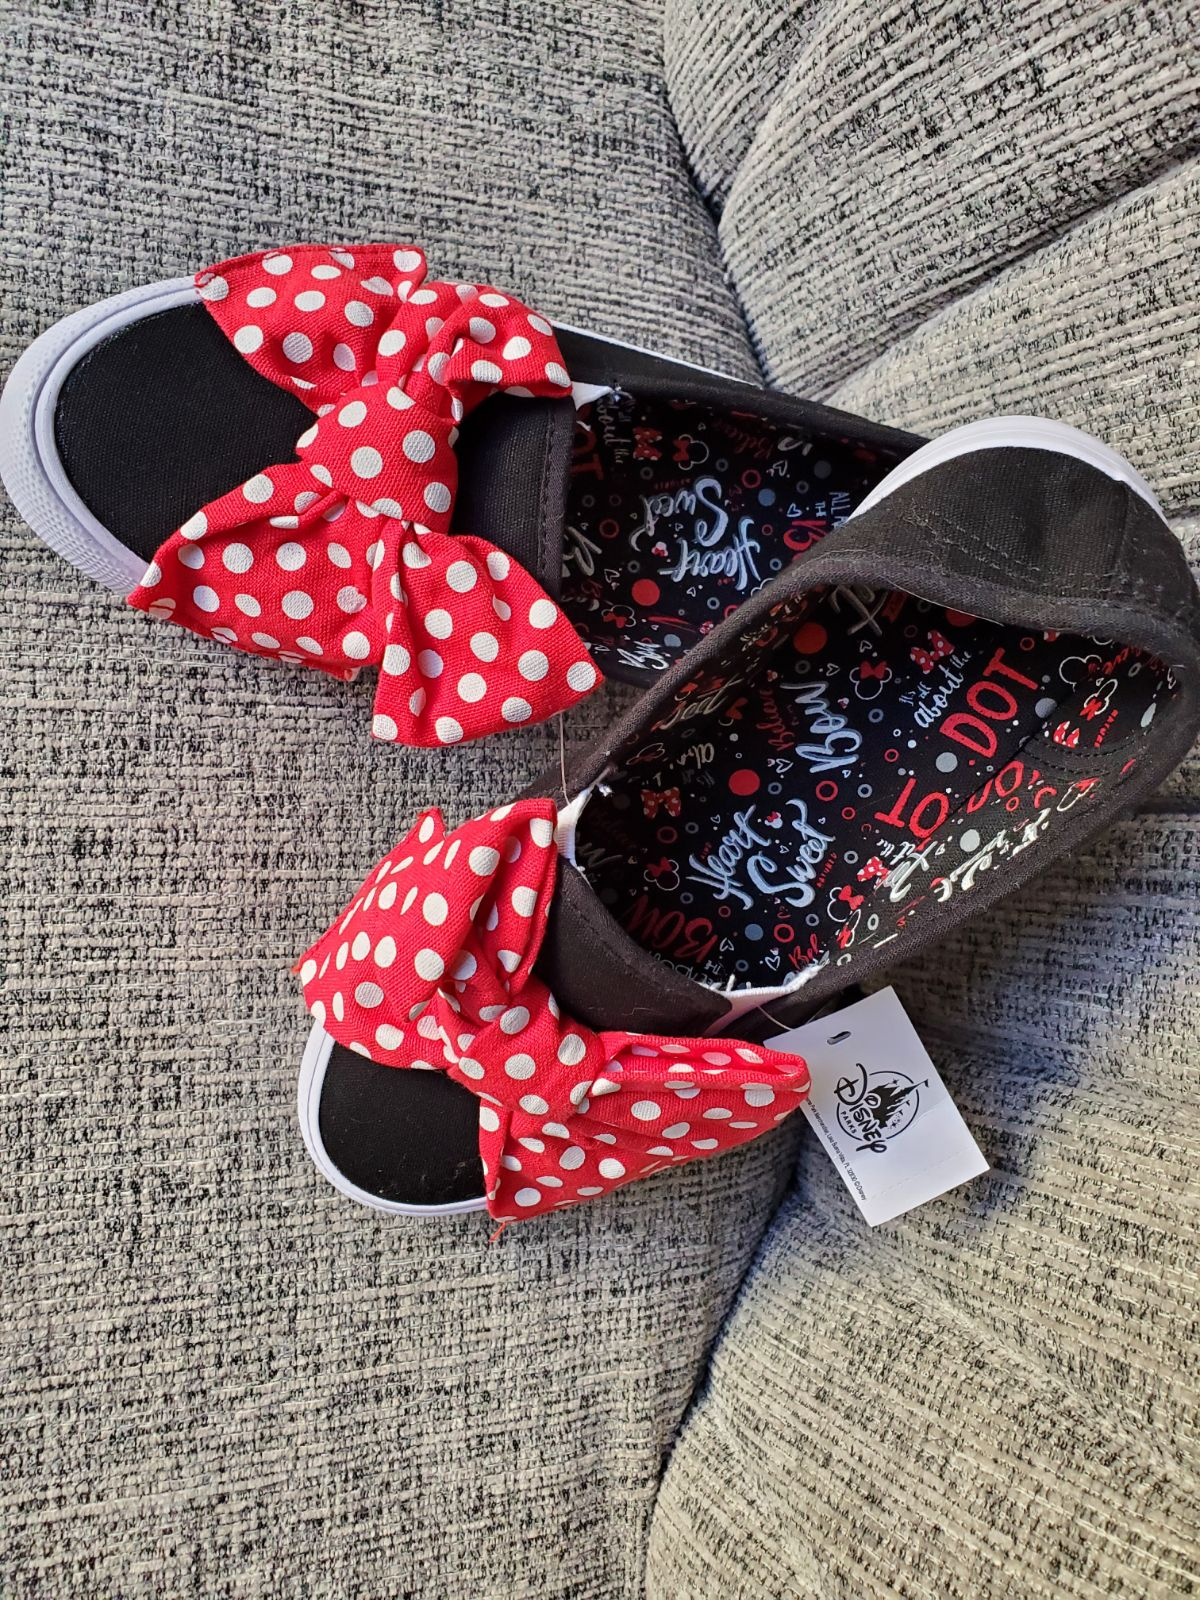 Disney Minnie Mouse, shoes